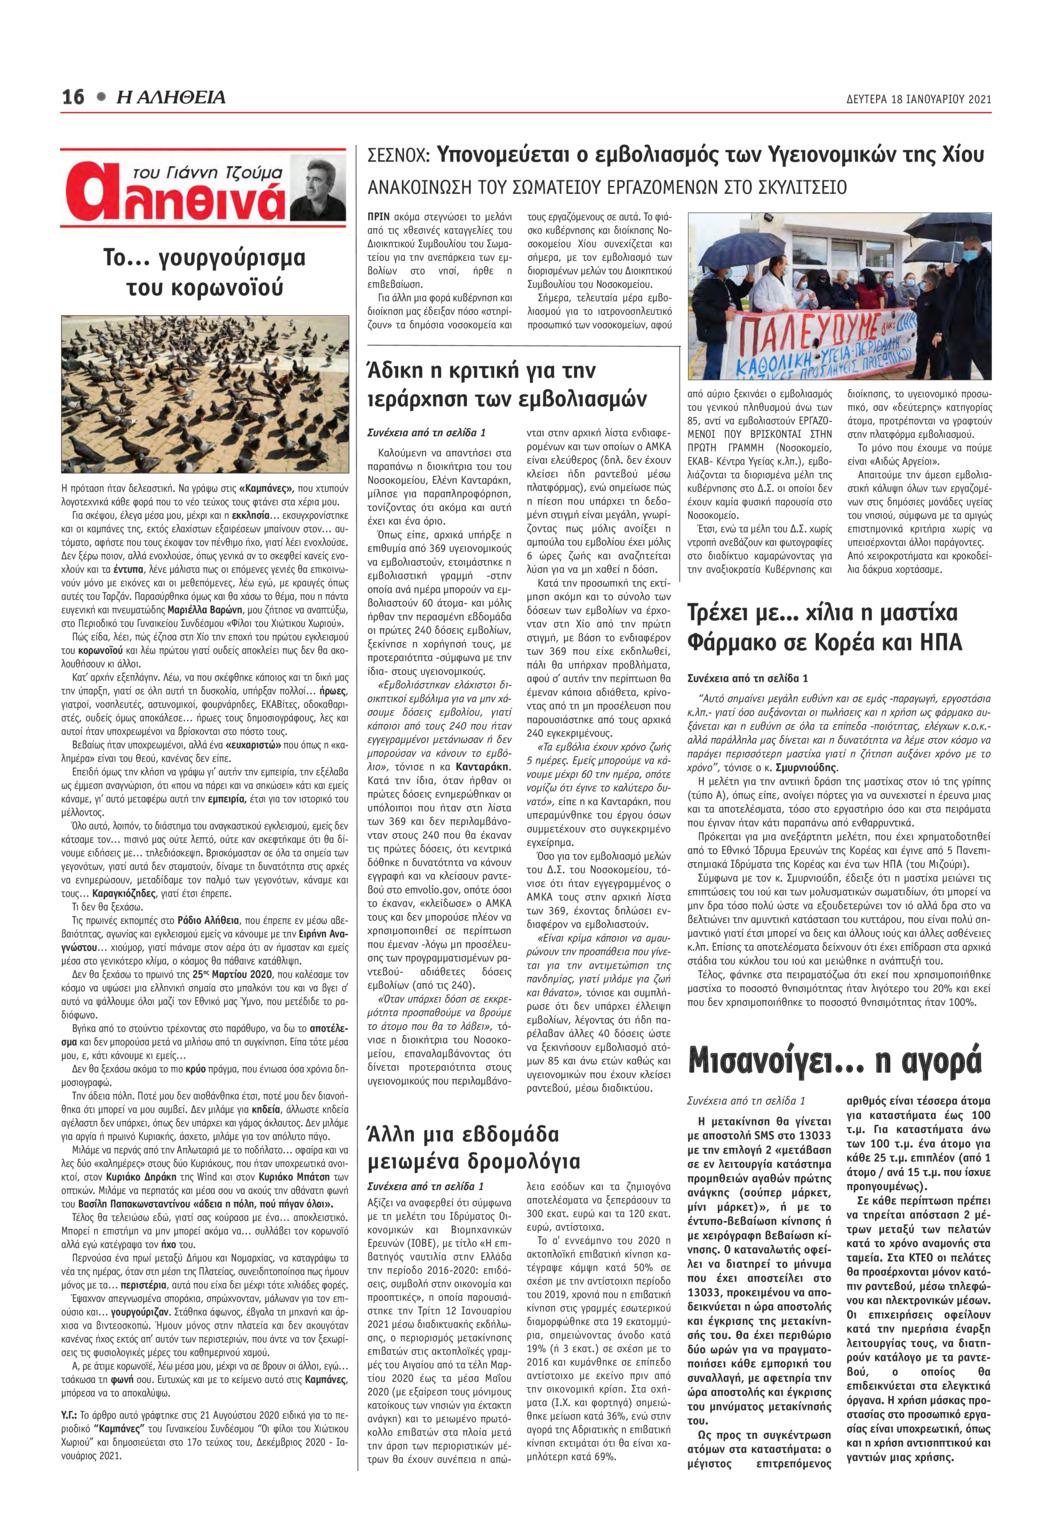 Οπισθόφυλλο εφημερίδας Αλήθεια Χίου